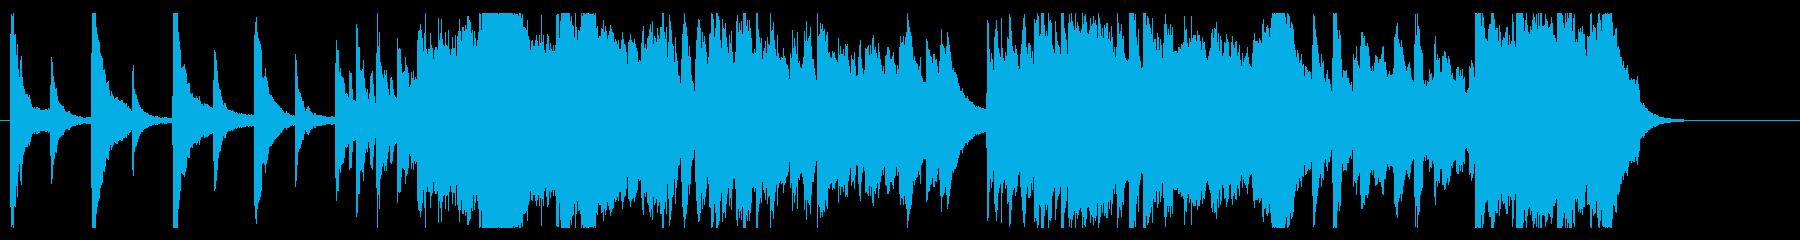 明け方をイメージした曲の再生済みの波形